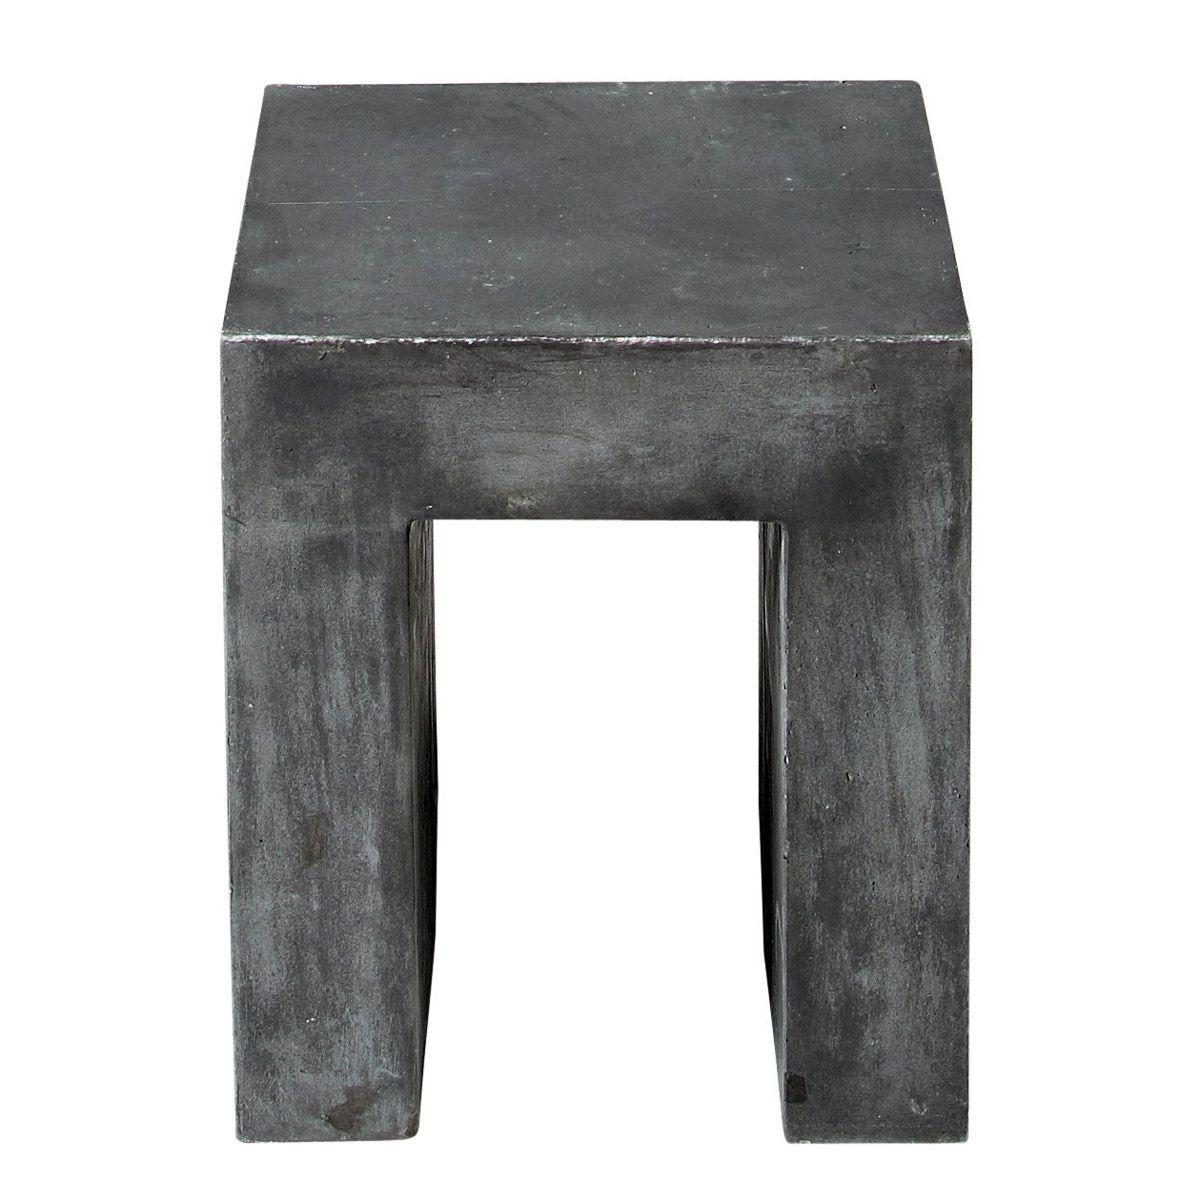 Sedute Concrete Stool Minerals Colorful Interiors